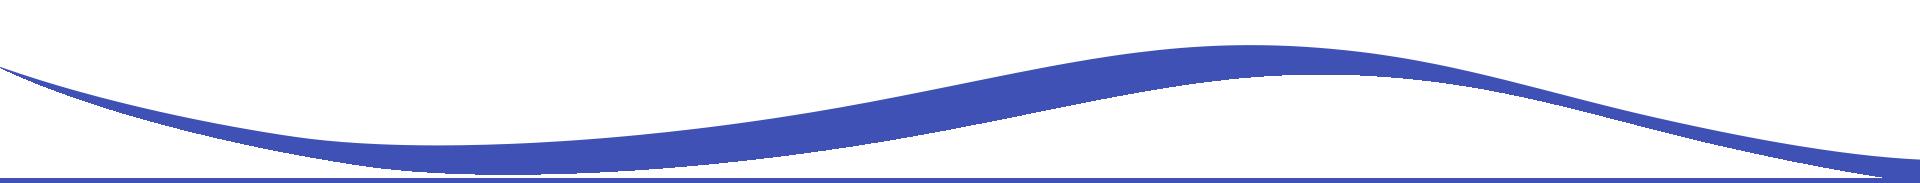 bg-curve3